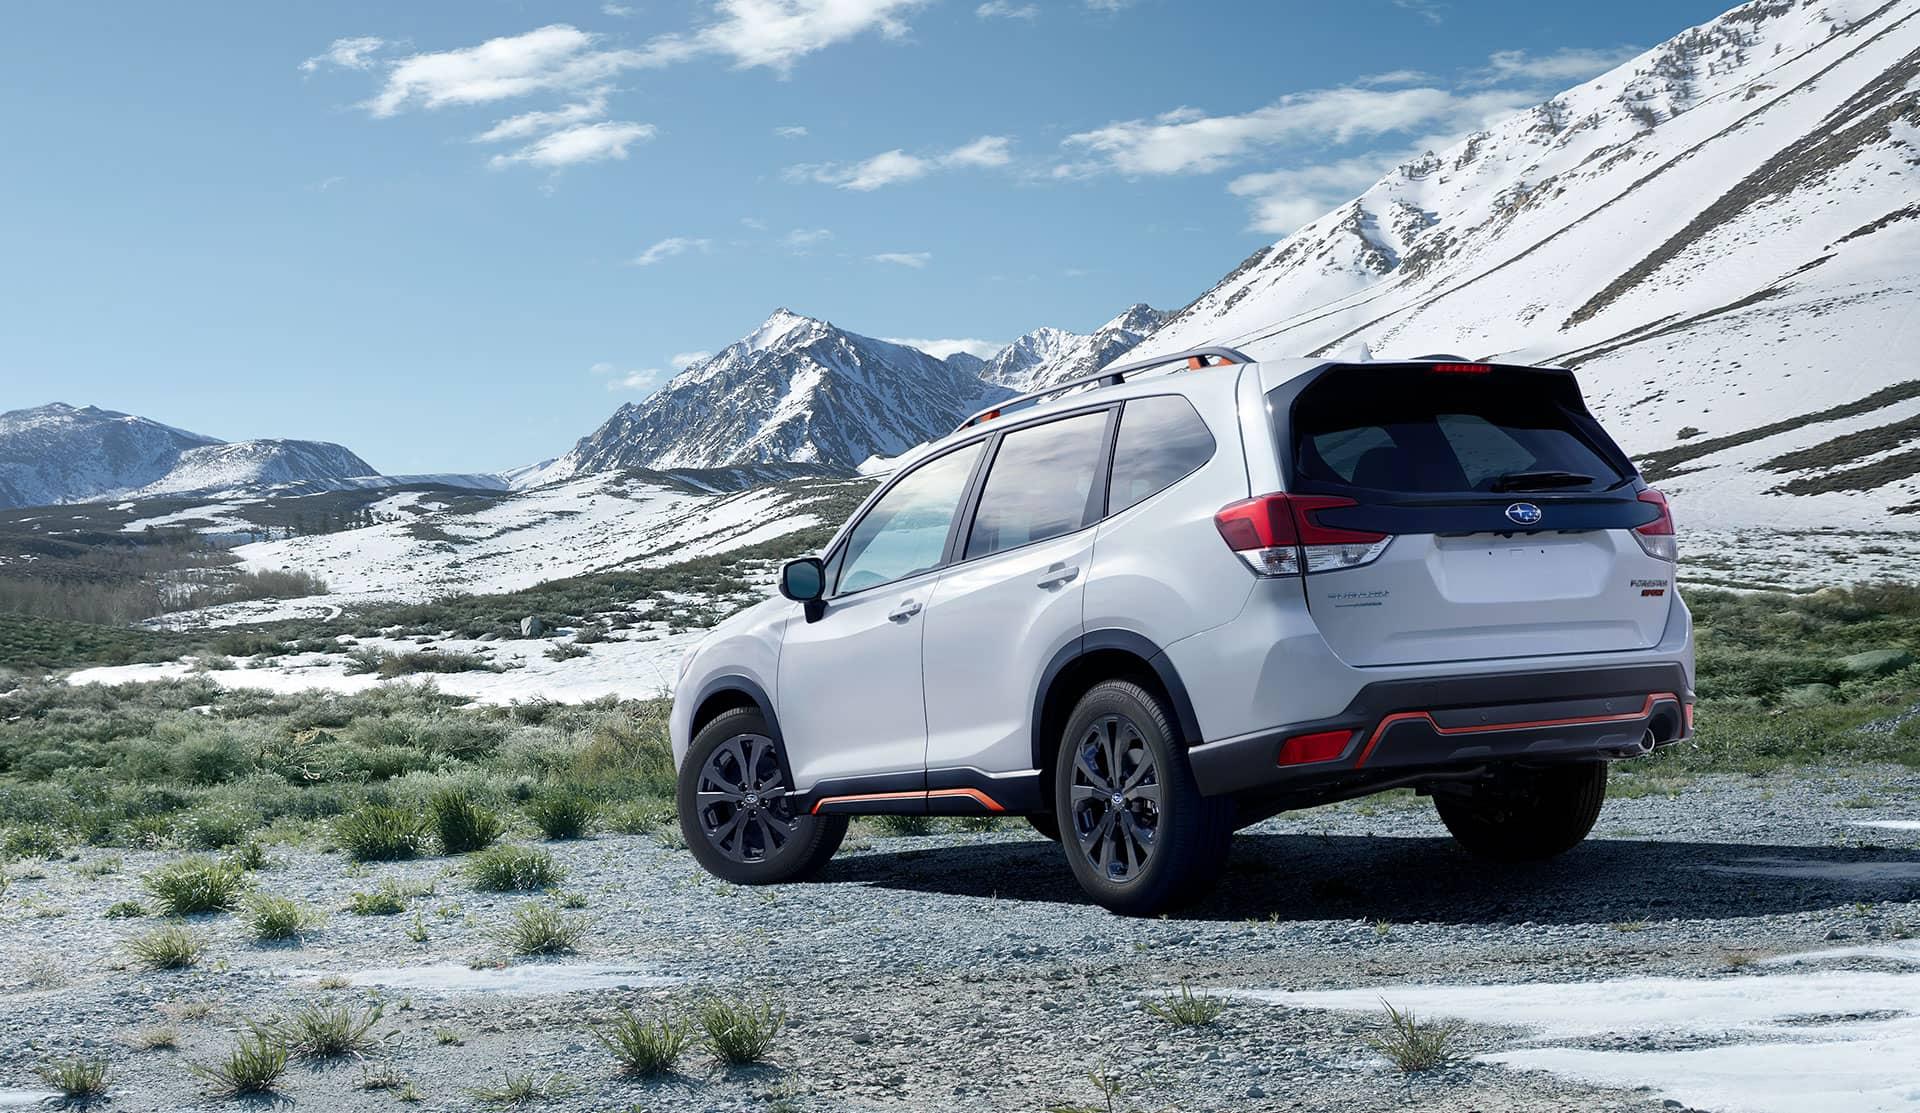 Arrière du Subaru Forester 2020 avec paysage montagneux